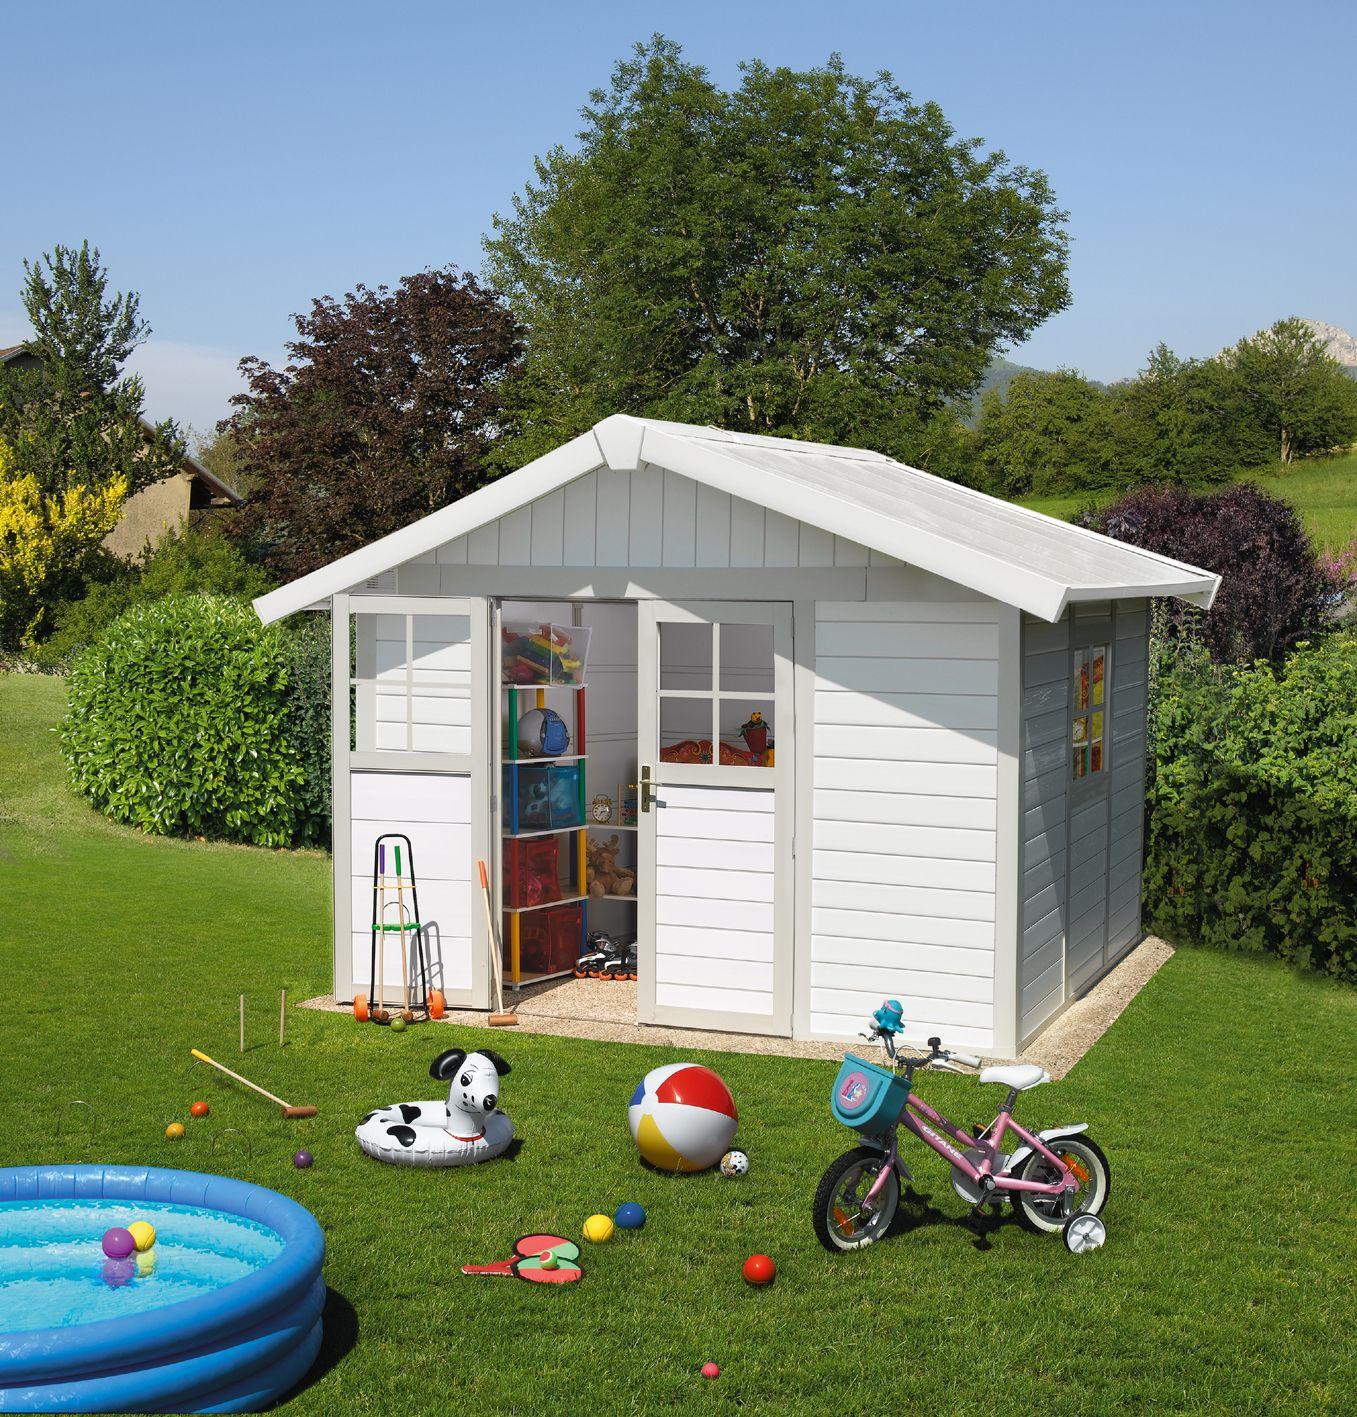 Abri De Jardin Grosfillex Déco 7.5M² , Gris/vert | Abri De ... intérieur Abri Jardin Grosfillex